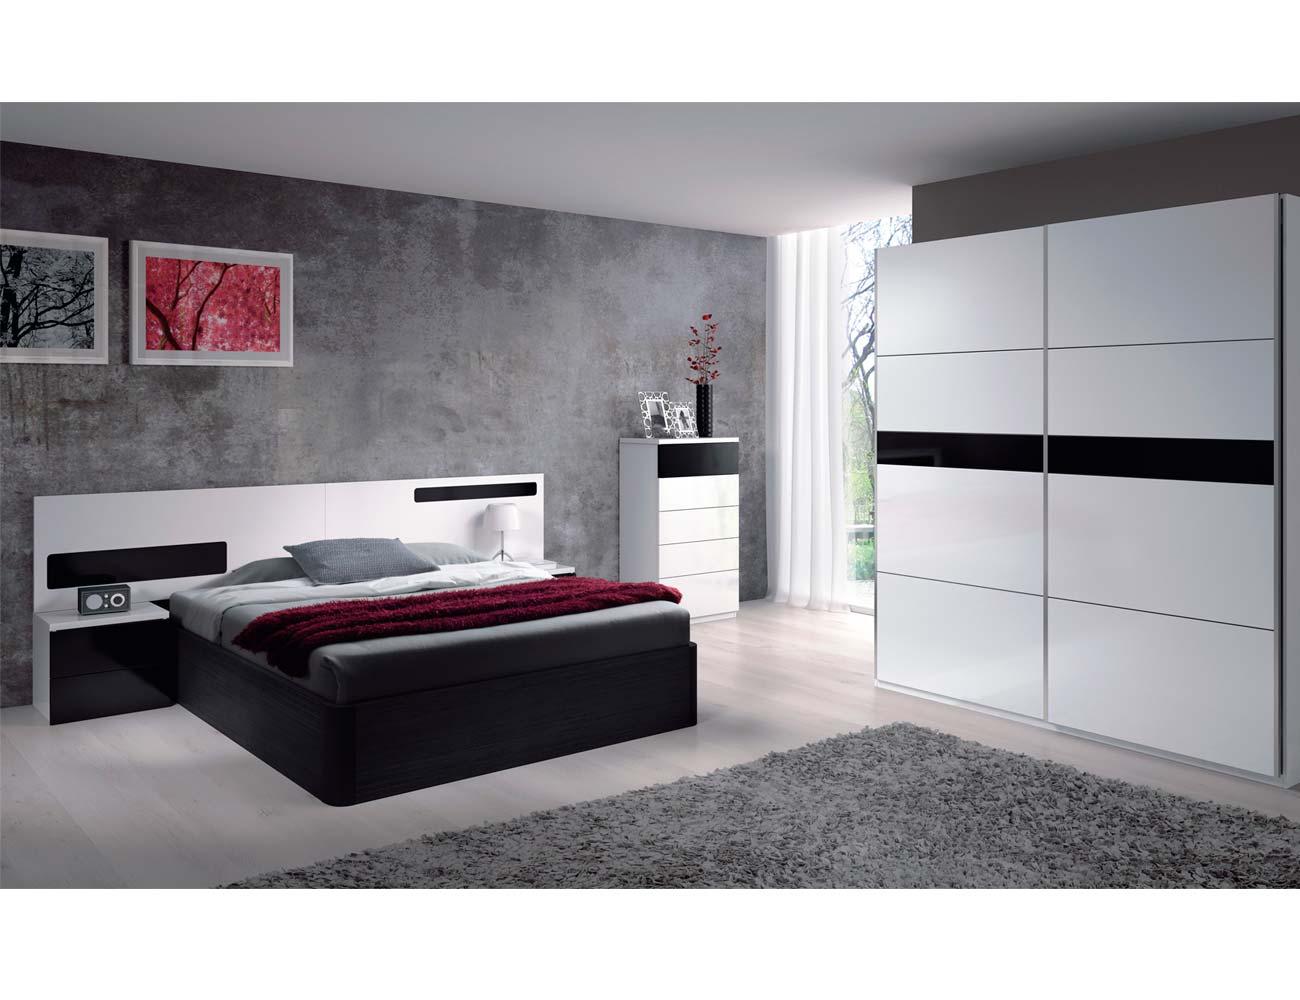 Dormitorio matrimonio moderno blanco brillo negro 2